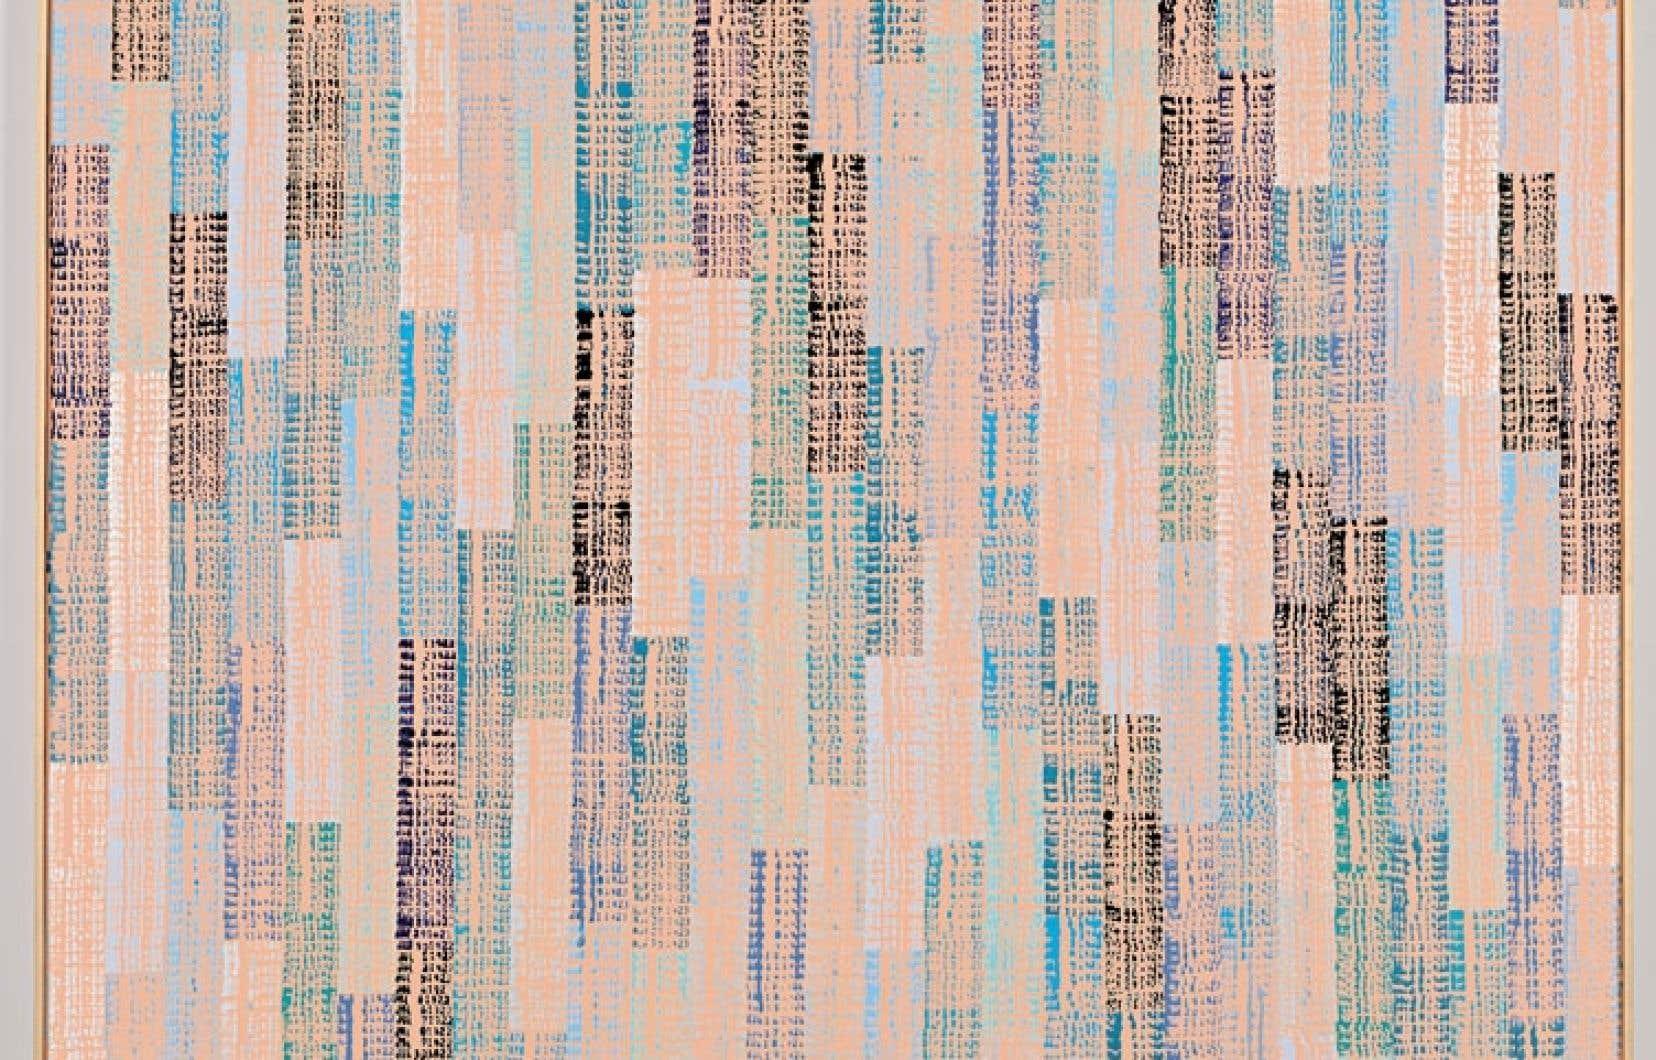 Détail d'un des dix tableaux XXe siècle de Bill Vazan (1973-1975. Acrylique estampillée sur toile) à gauche.